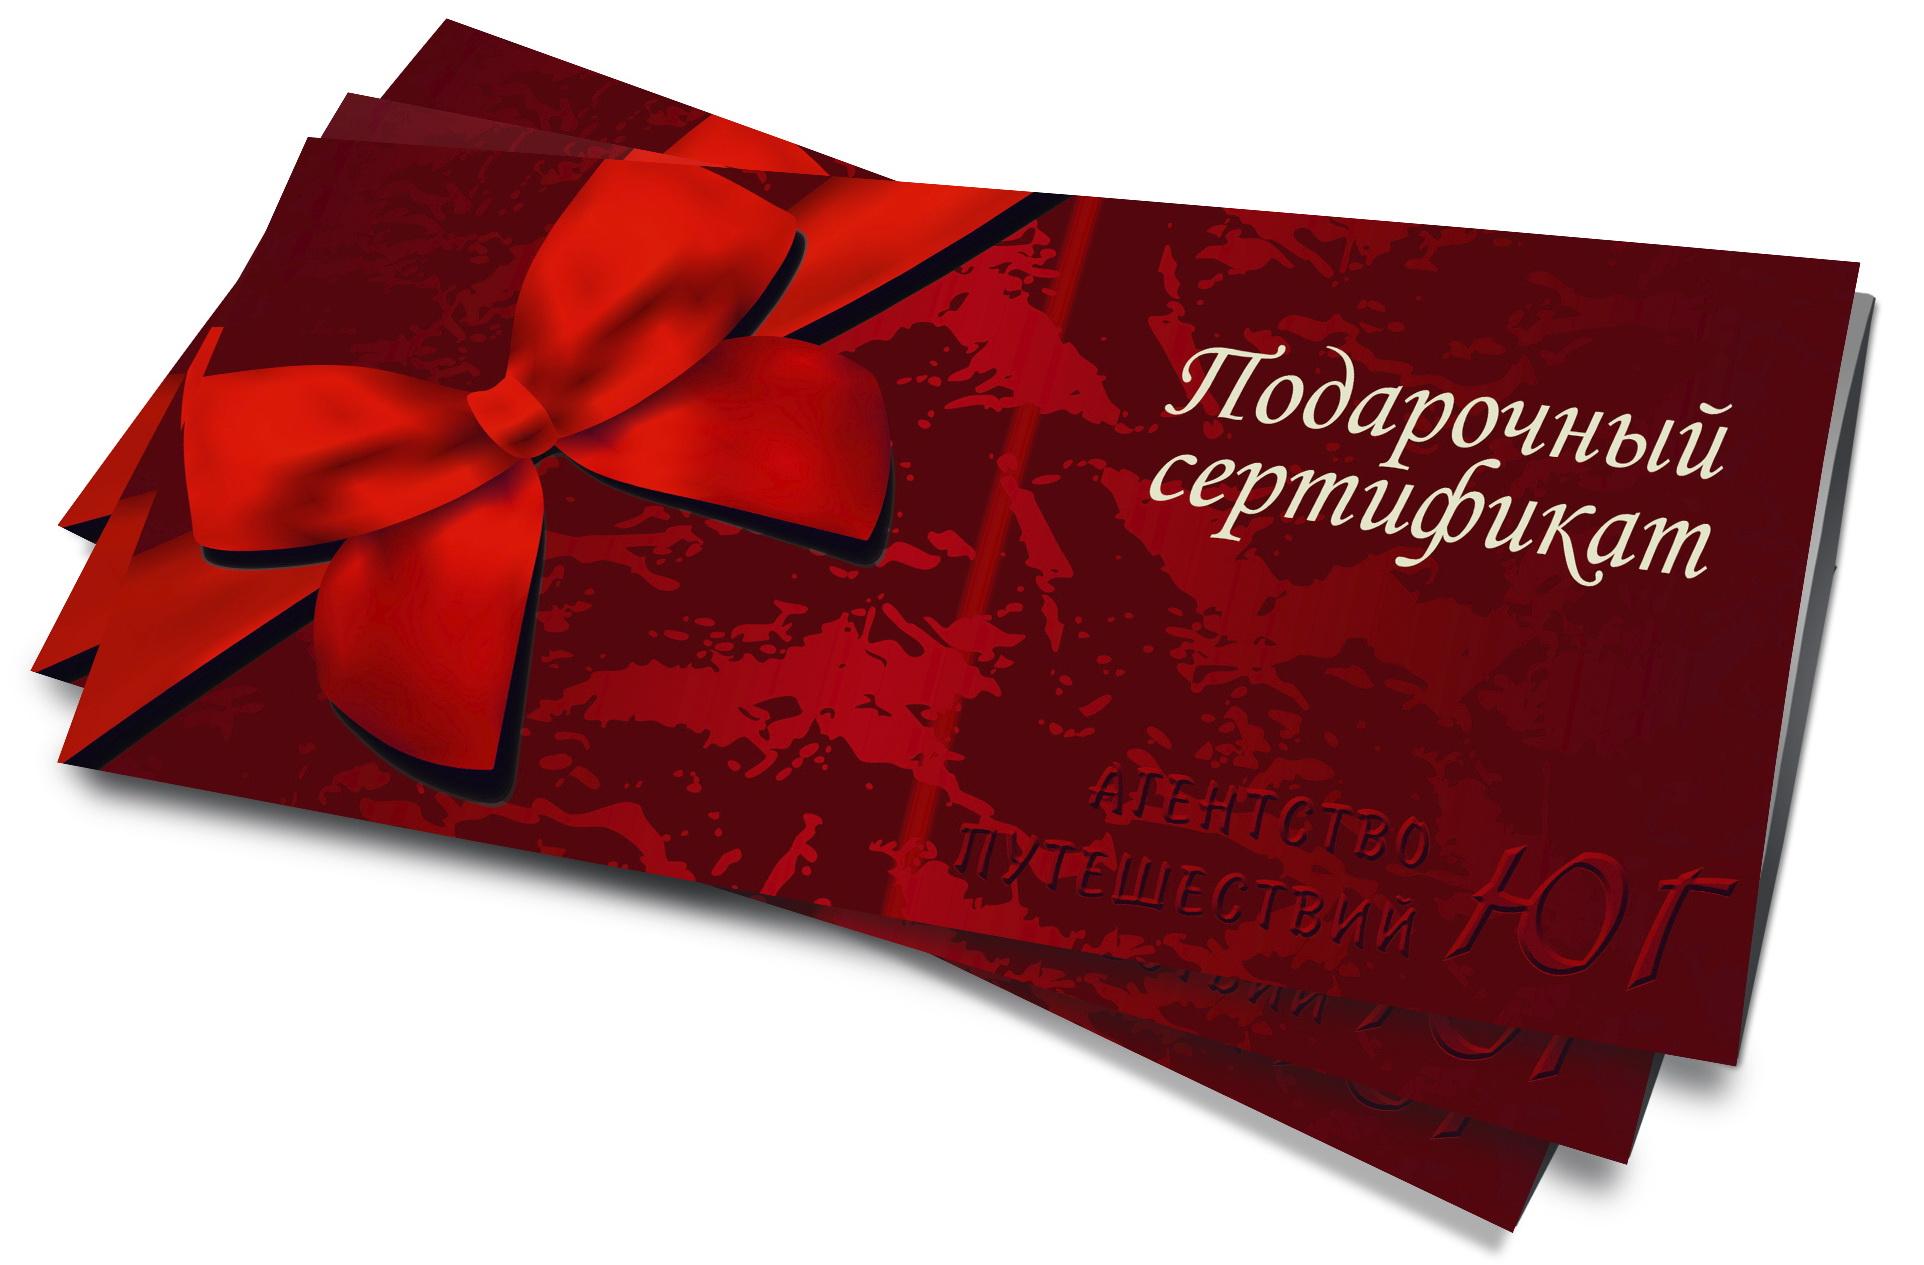 Подарочный сертификат от турагентства ЮГ